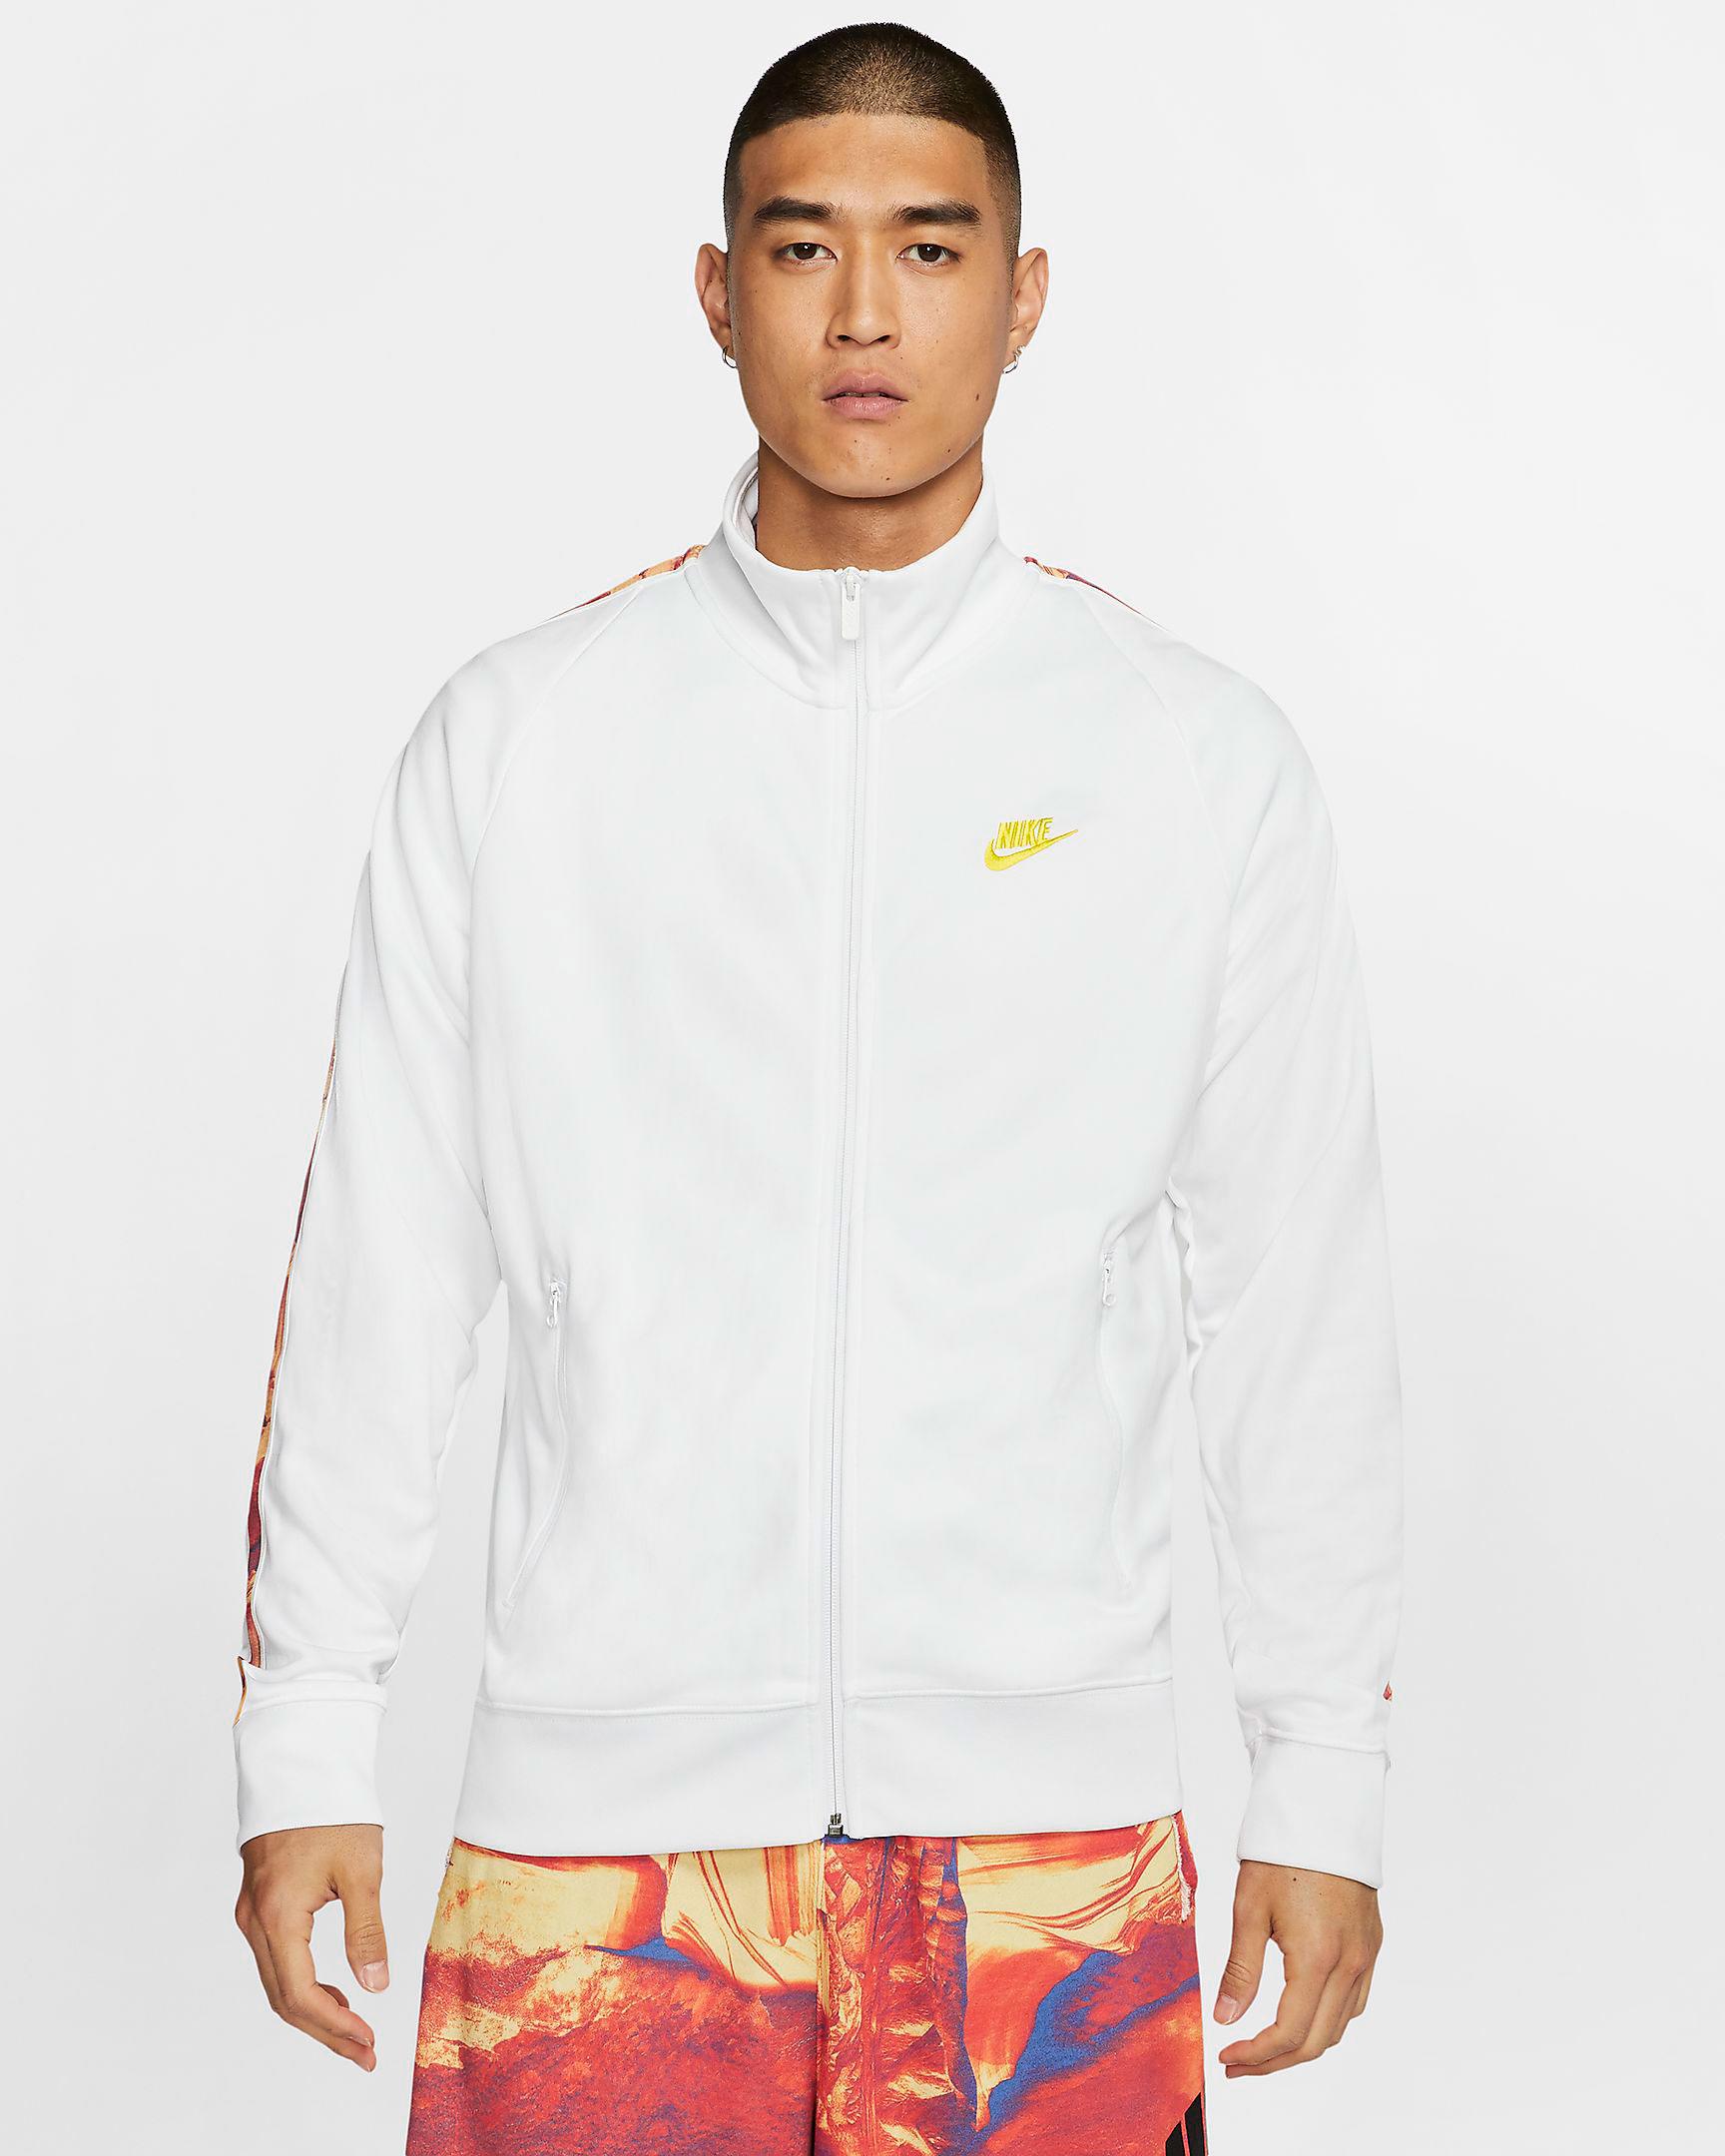 nike-organic-distortion-jacket-white-1